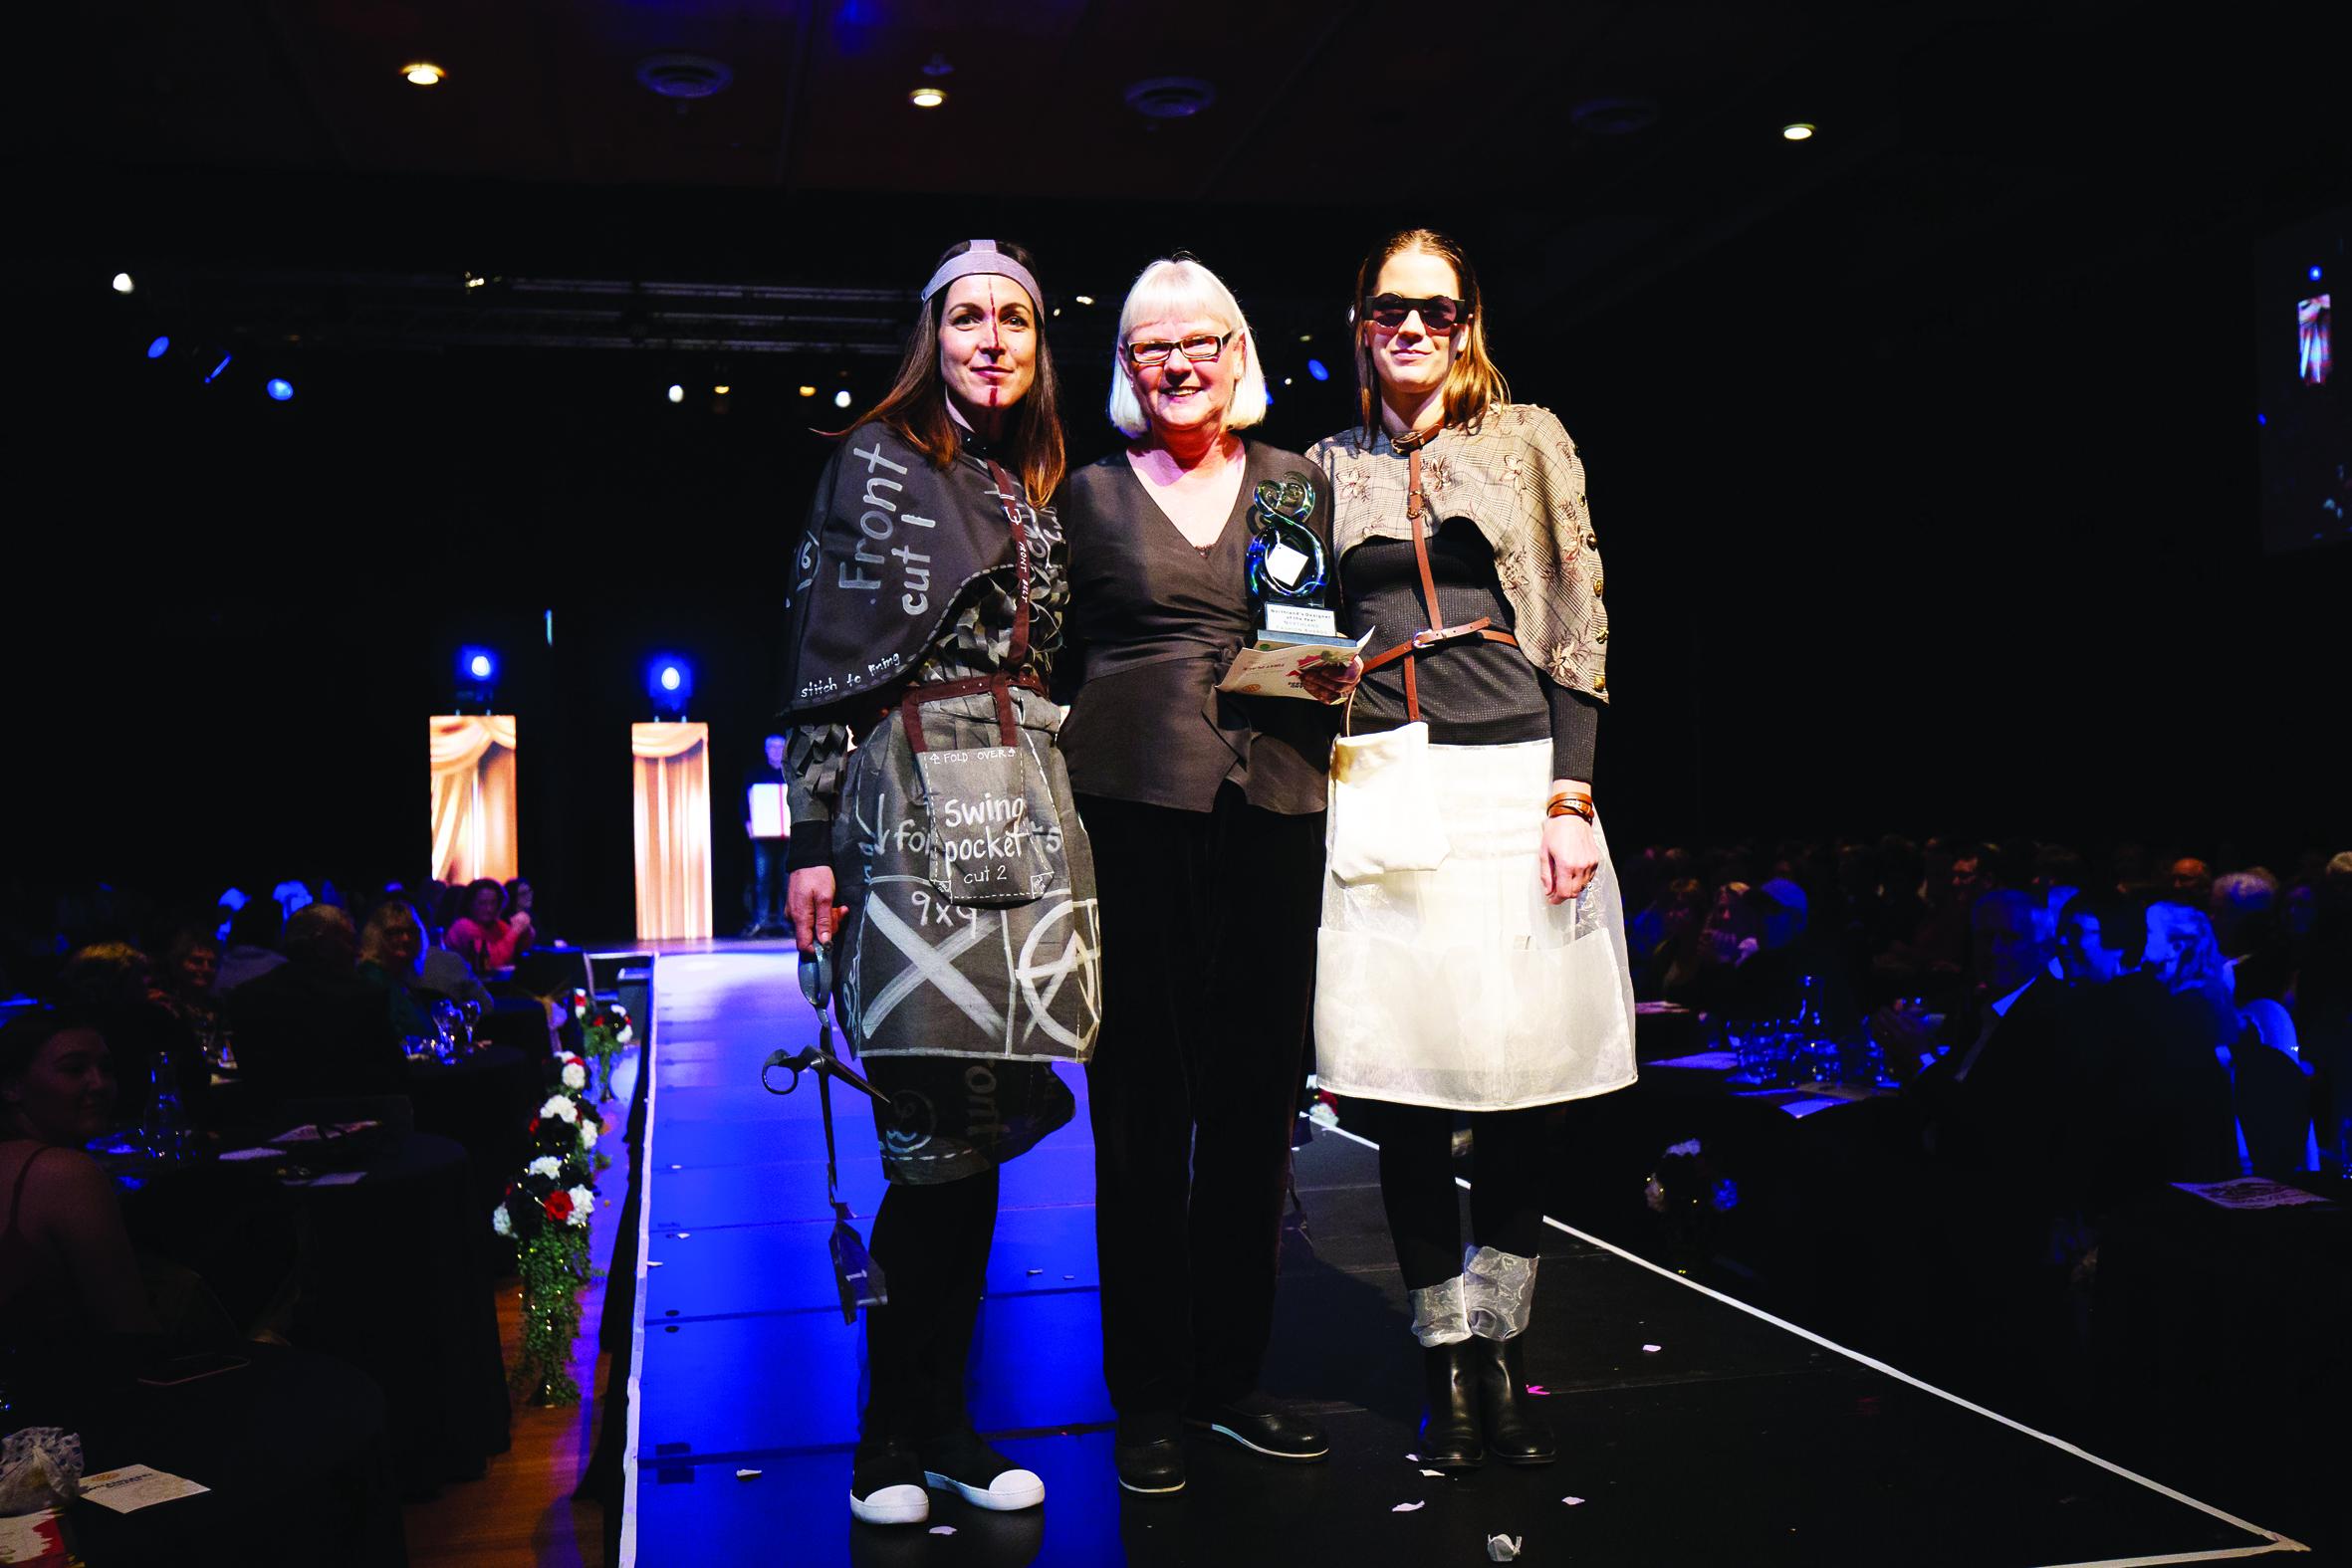 986e1d8d07b341 And the winner is... - NZ Herald